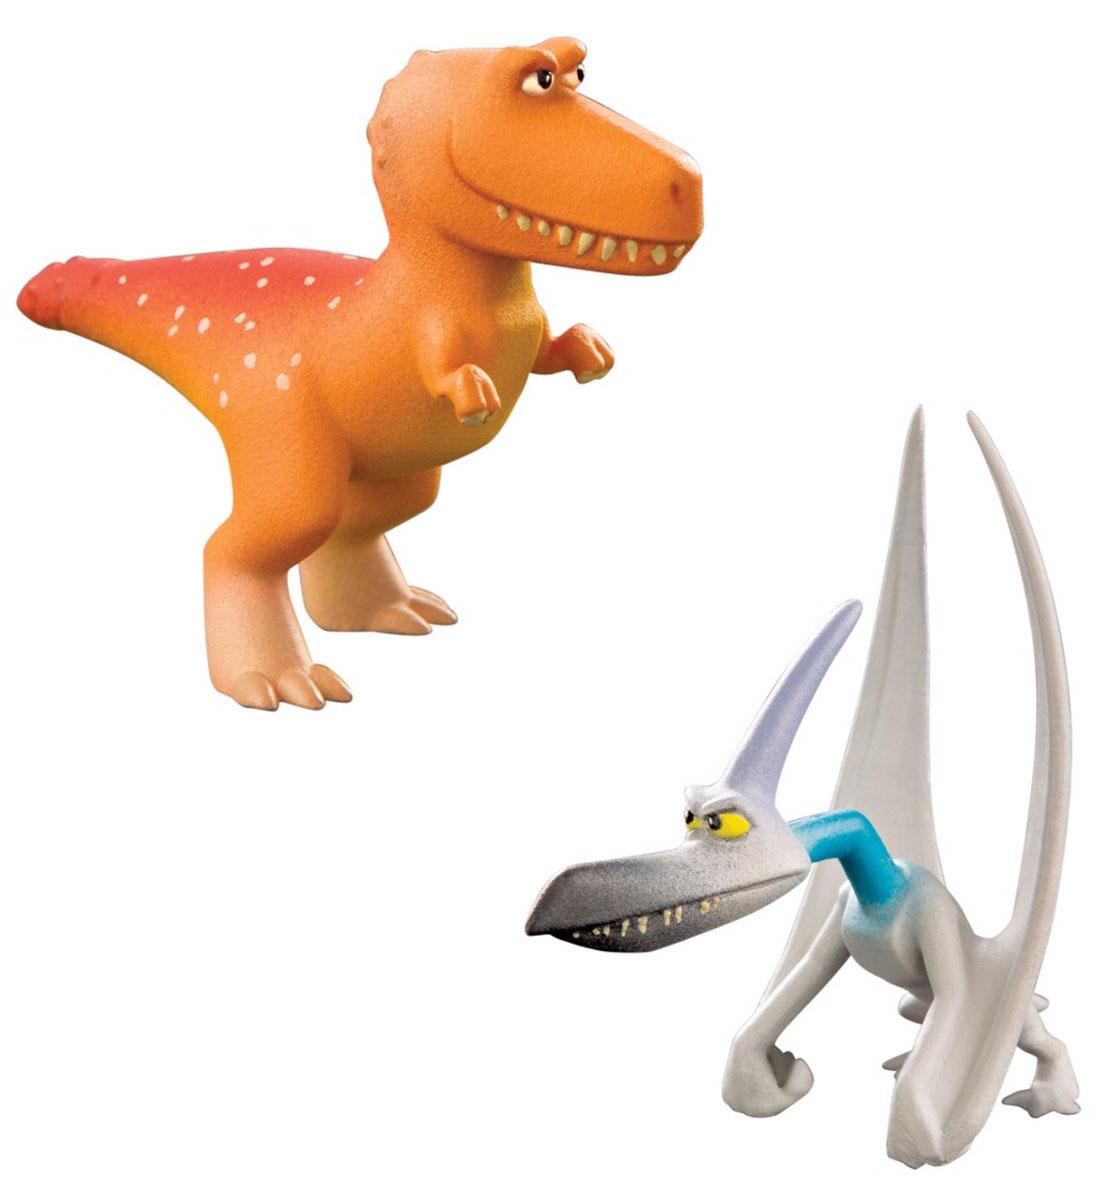 Хороший динозавр Набор фигурок Рамзи и Громоклюв62304Набор фигурок Хороший динозавр Рамзи и Громоклюв порадует юных любителей мультипликационного фильма Хороший динозавр. Мультфильм описывает увлекательные приключения динозавра Арло, который отправился спасать мир! Главарь бандитской шайки птерозавров Громоклюв - один из персонажей, который встретился ему на пути. Вместе со своими подручными он нападает на слабых. Но без отрицательных героев не получилось бы истории! В набор входит 2 фигурки героев: Рамзи и Громоклюв. Игрушки изготовлены из высококачественных нетоксичных материалов. Фигурки могут стать персонажами увлекательной сюжетно-ролевой игры, которая способствует умственному развитию ребенка. Манипуляции с ними будут развивать мелкую моторику рук и зрительную координацию движений.